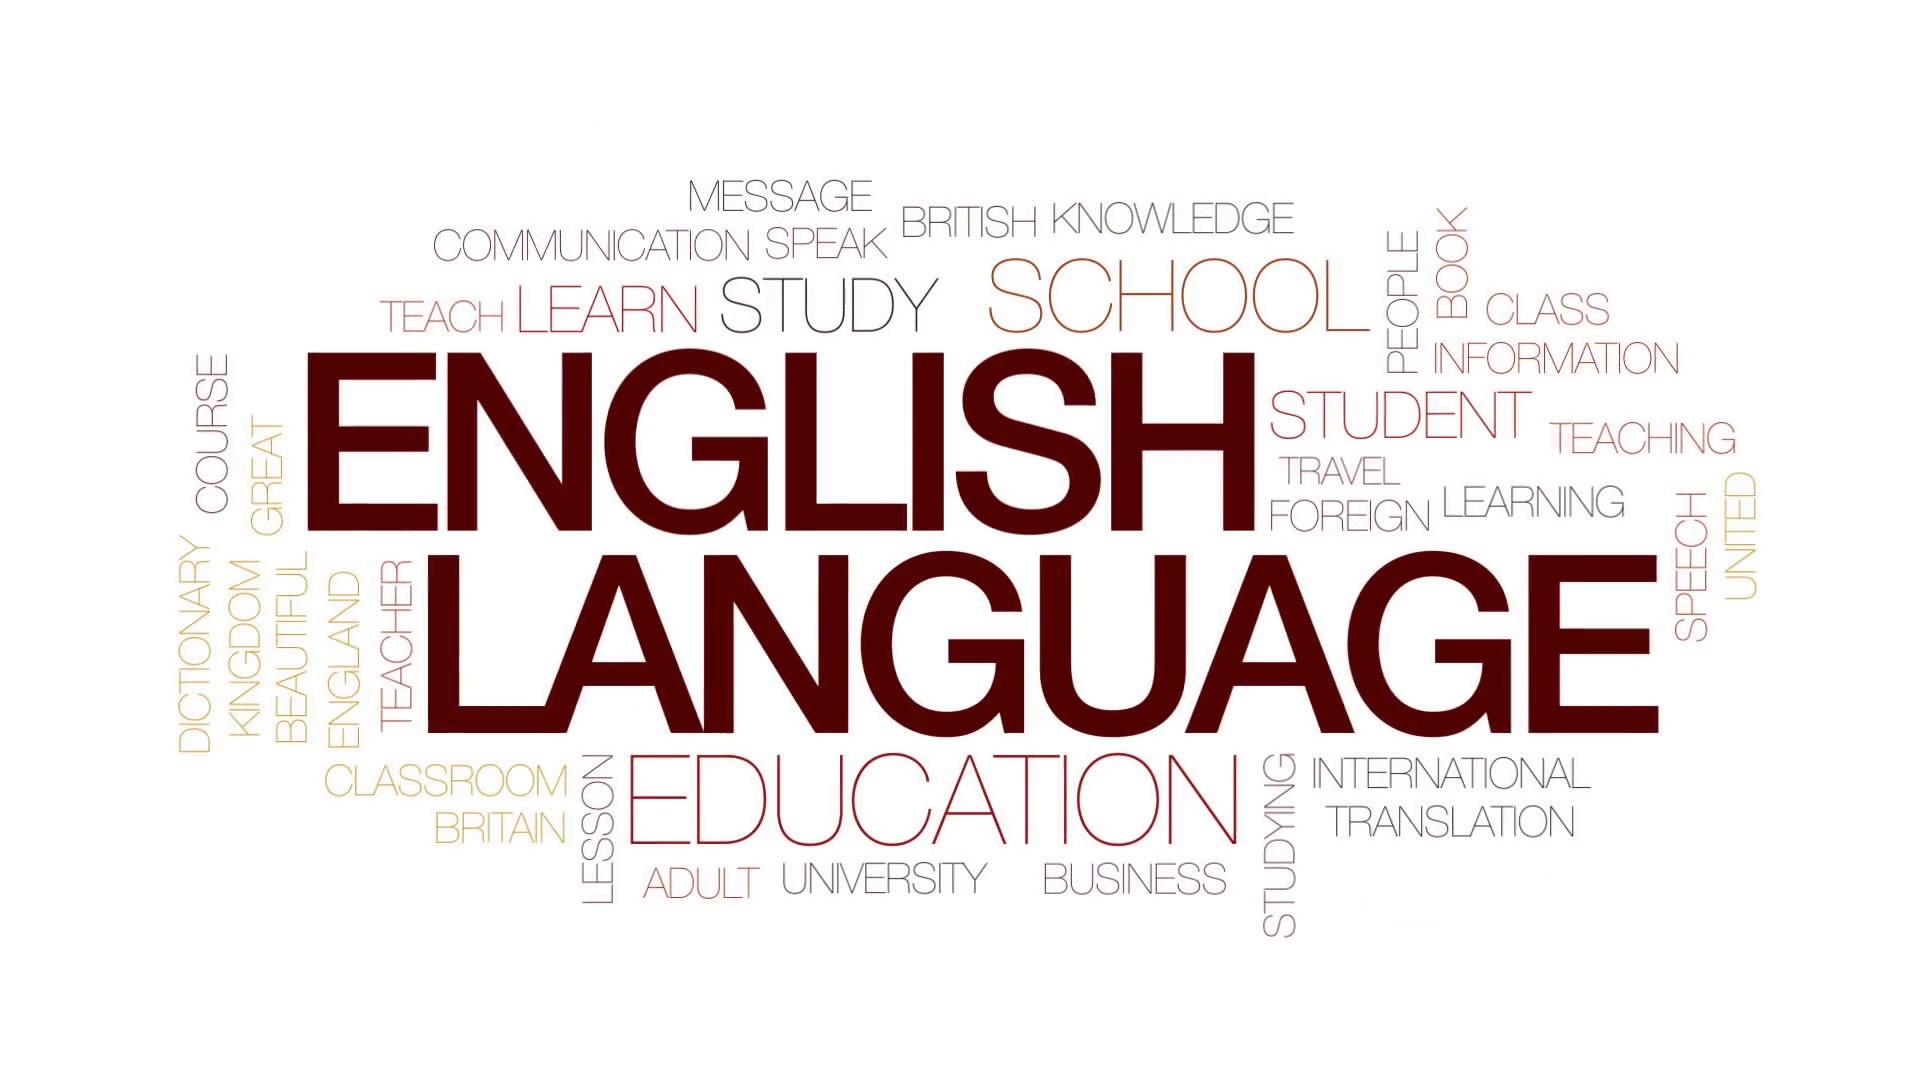 چگونه آموزش زبان انگلیسی برای بزرکسالان انجام می شود؟